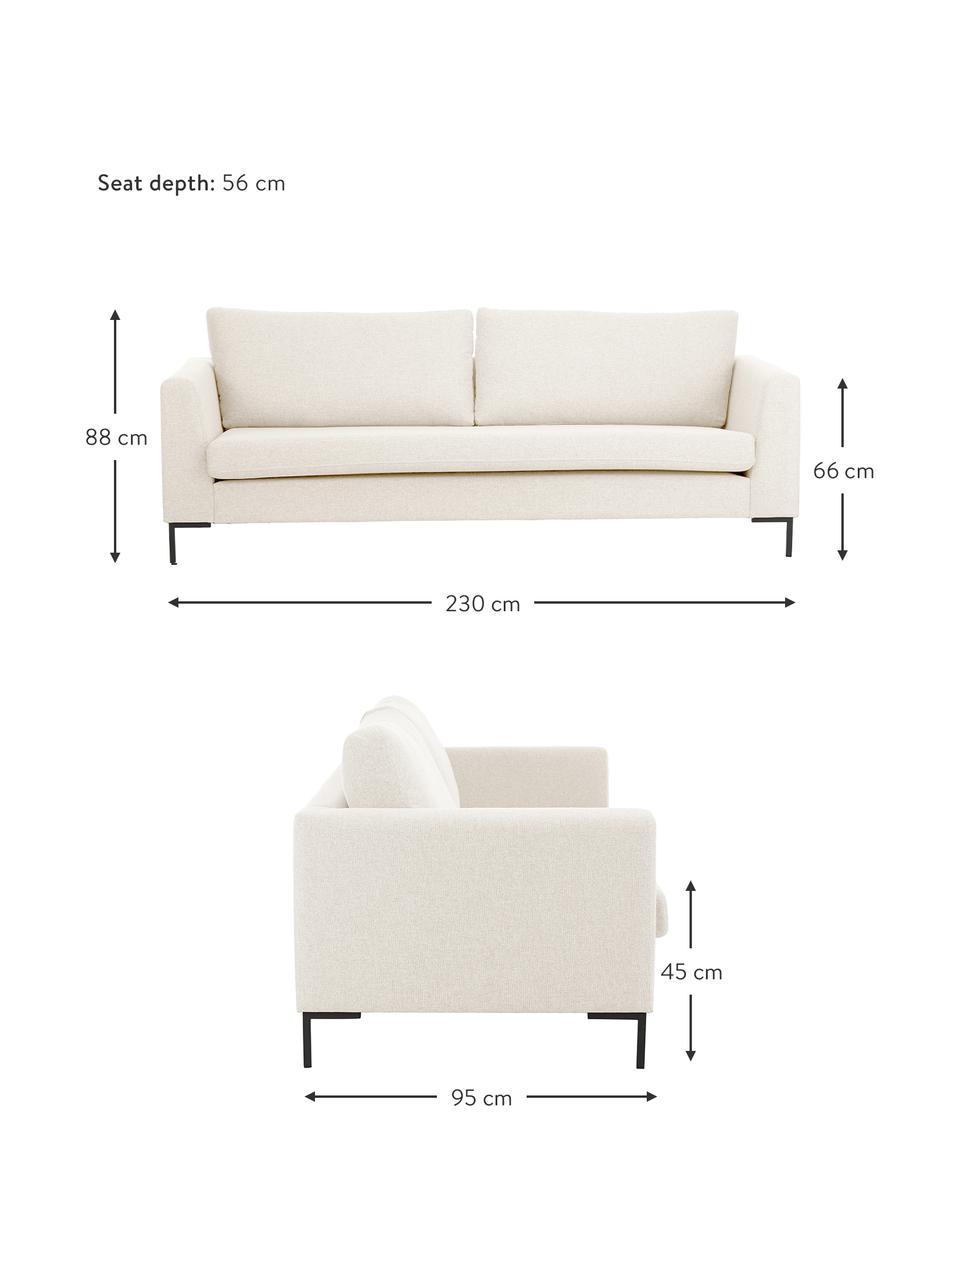 Sofa Luna (3-Sitzer) in Beige mit Metall-Füssen, Bezug: 100% Polyester Der hochwe, Gestell: Massives Buchenholz, Webstoff Beige, B 230 x T 95 cm